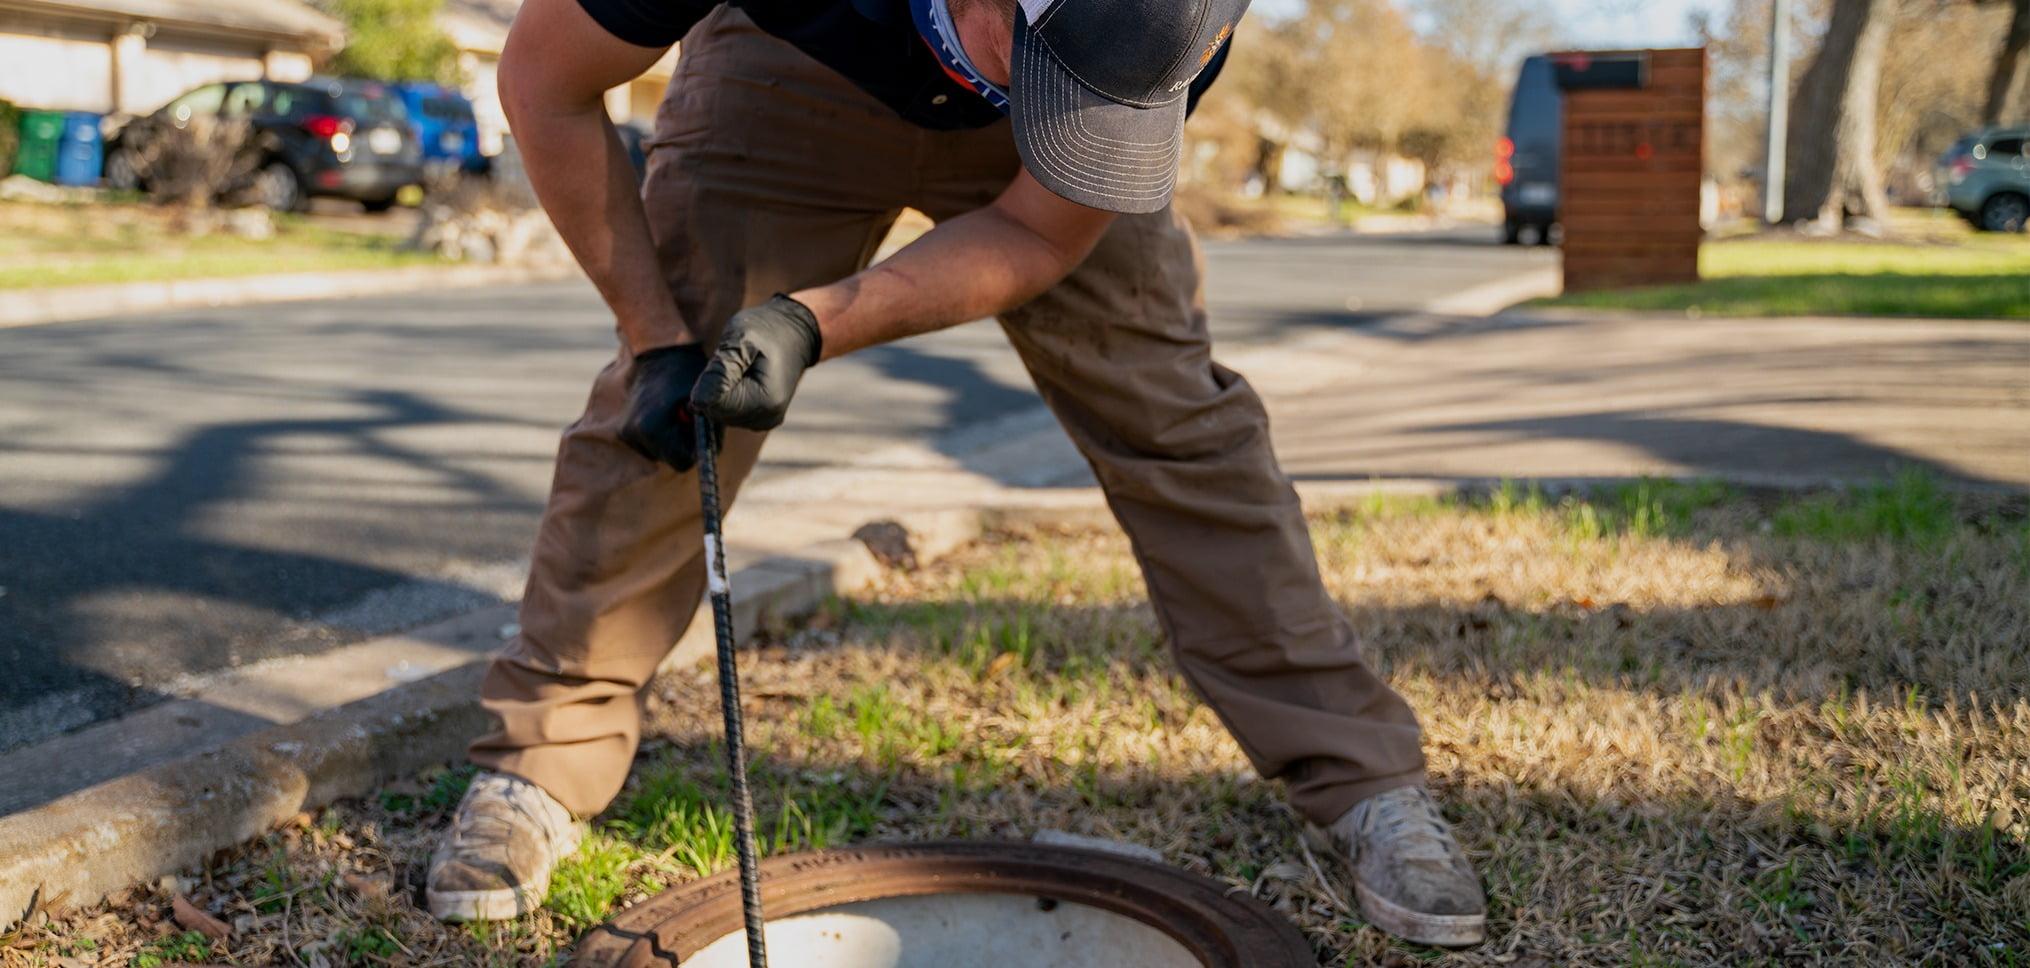 Automotive tire, Road surface, Shoe, Plant, Leg, Shorts, Wheel, Sneakers, Grass, Asphalt